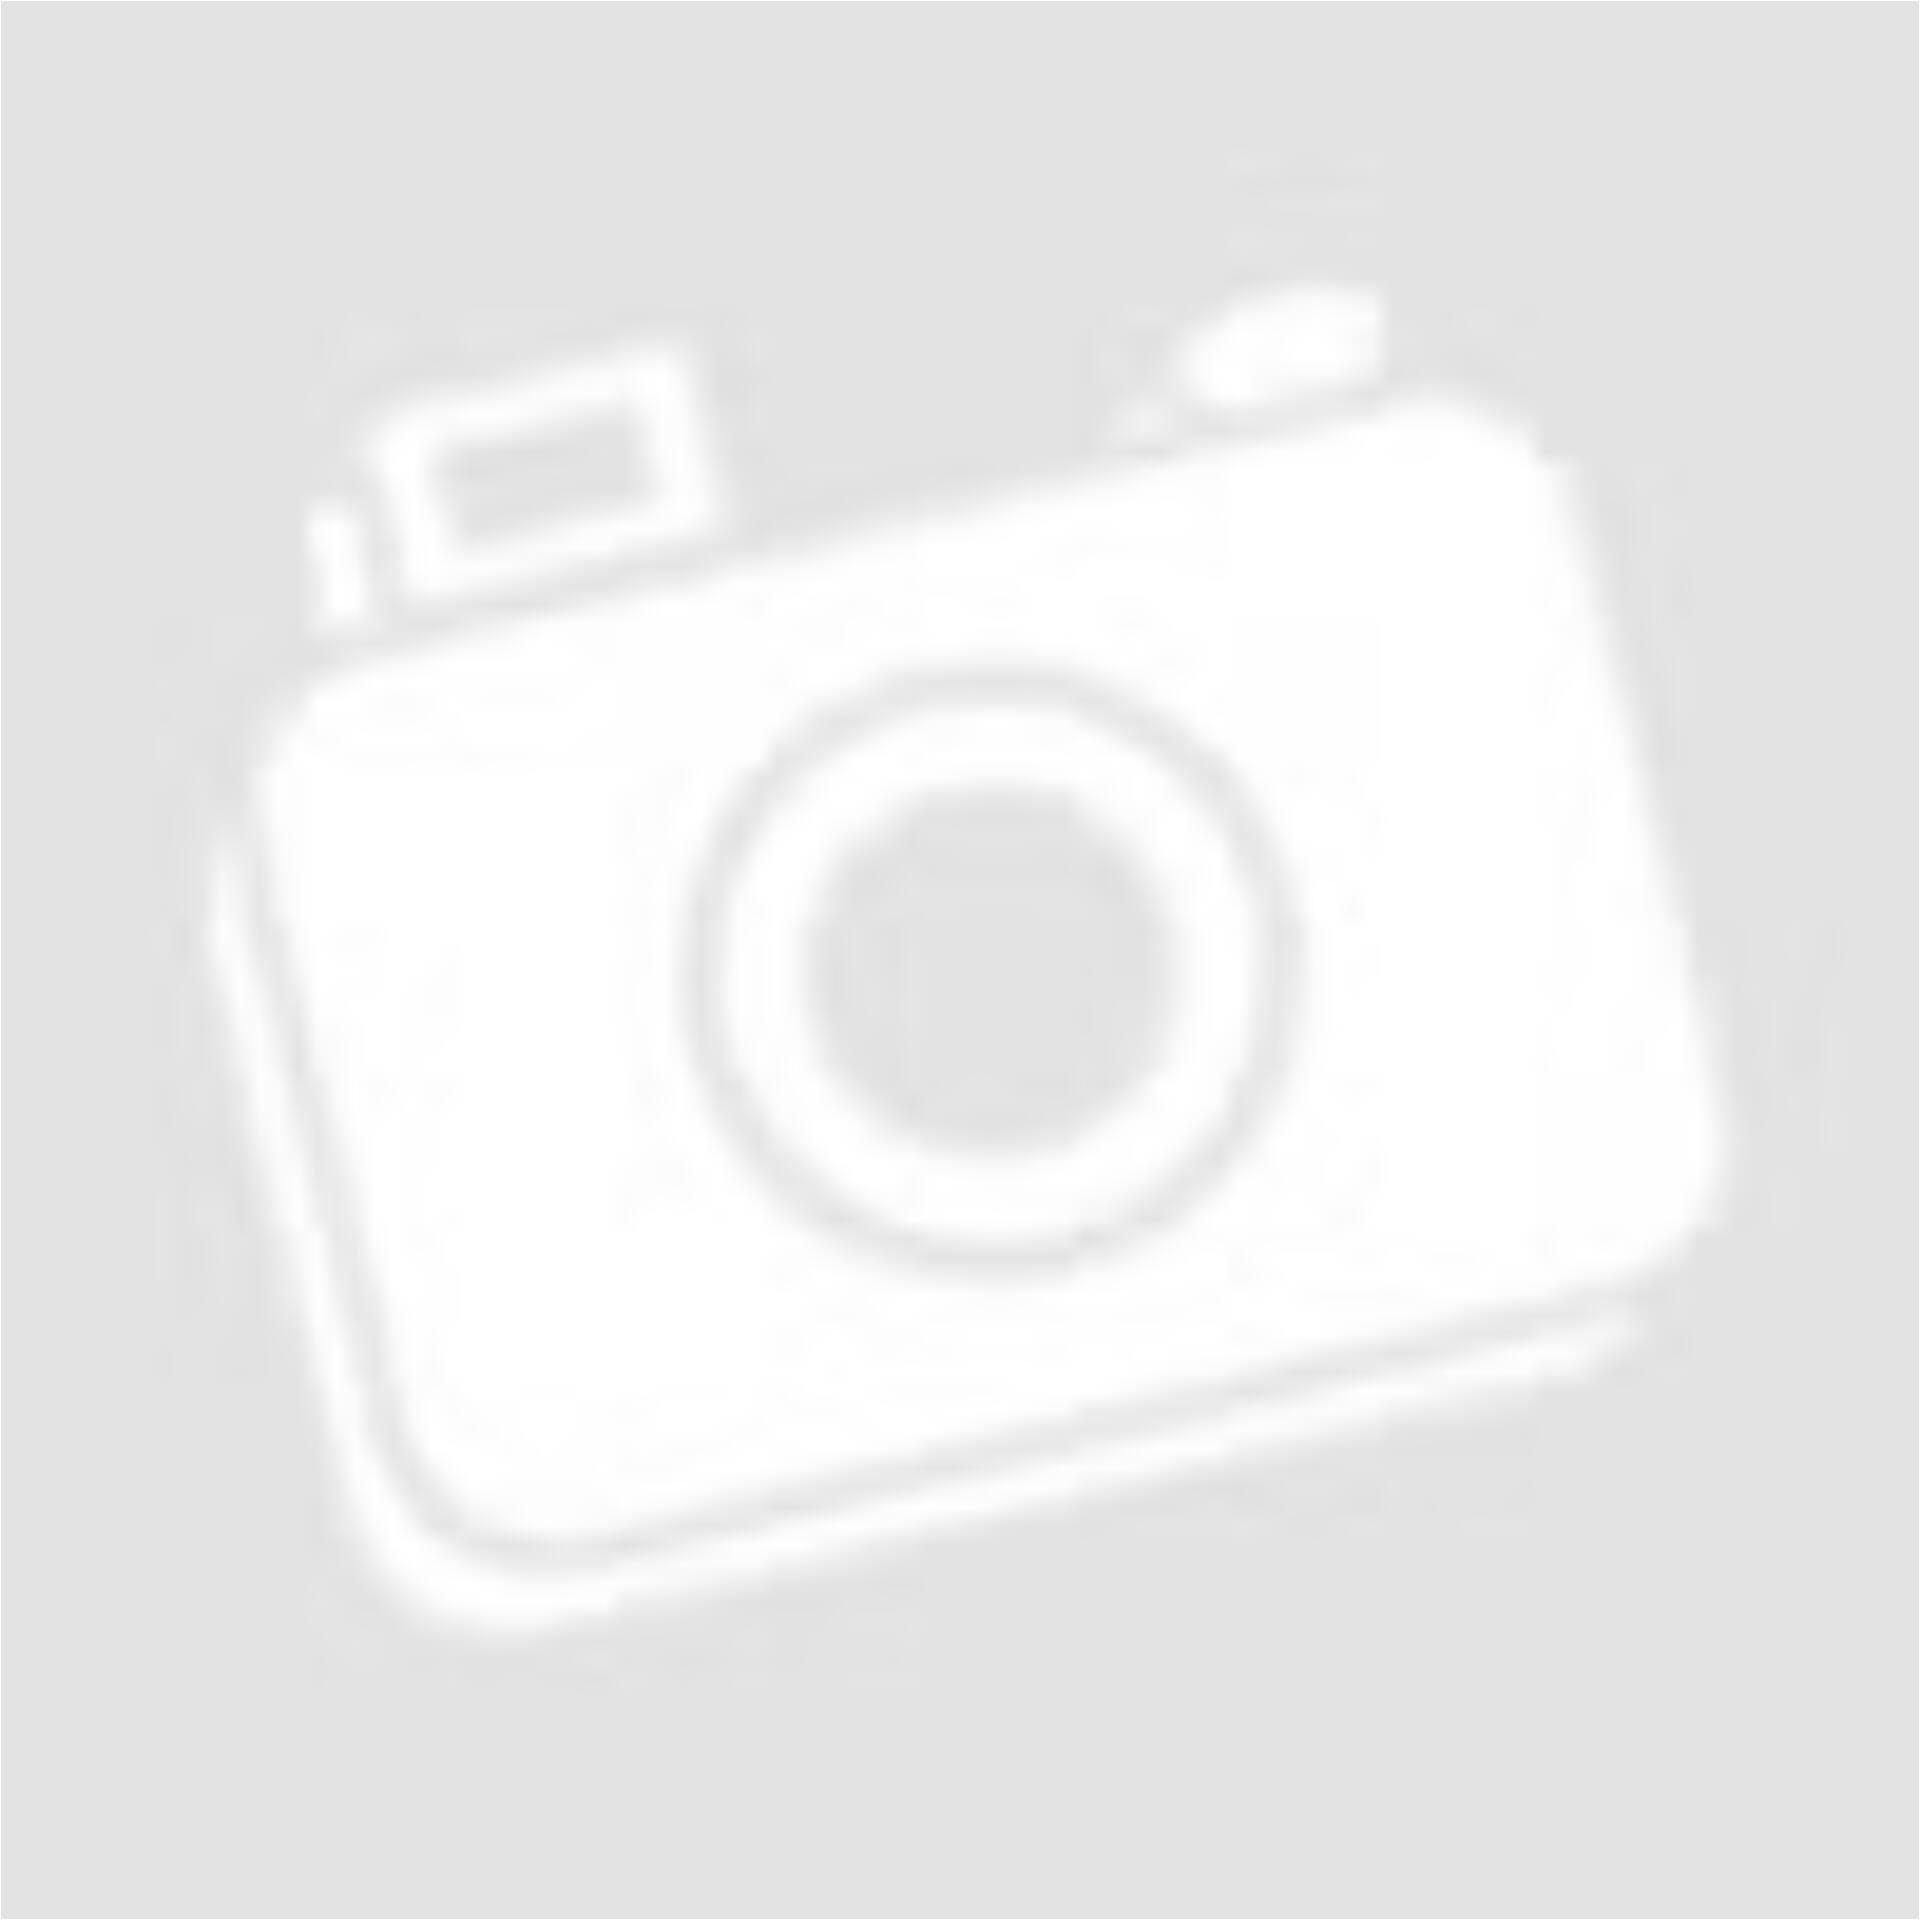 97b83e583338 Fekete színű PKA munkavédelmi bakancs (Méret: 45) - Bakancs, csizma ...